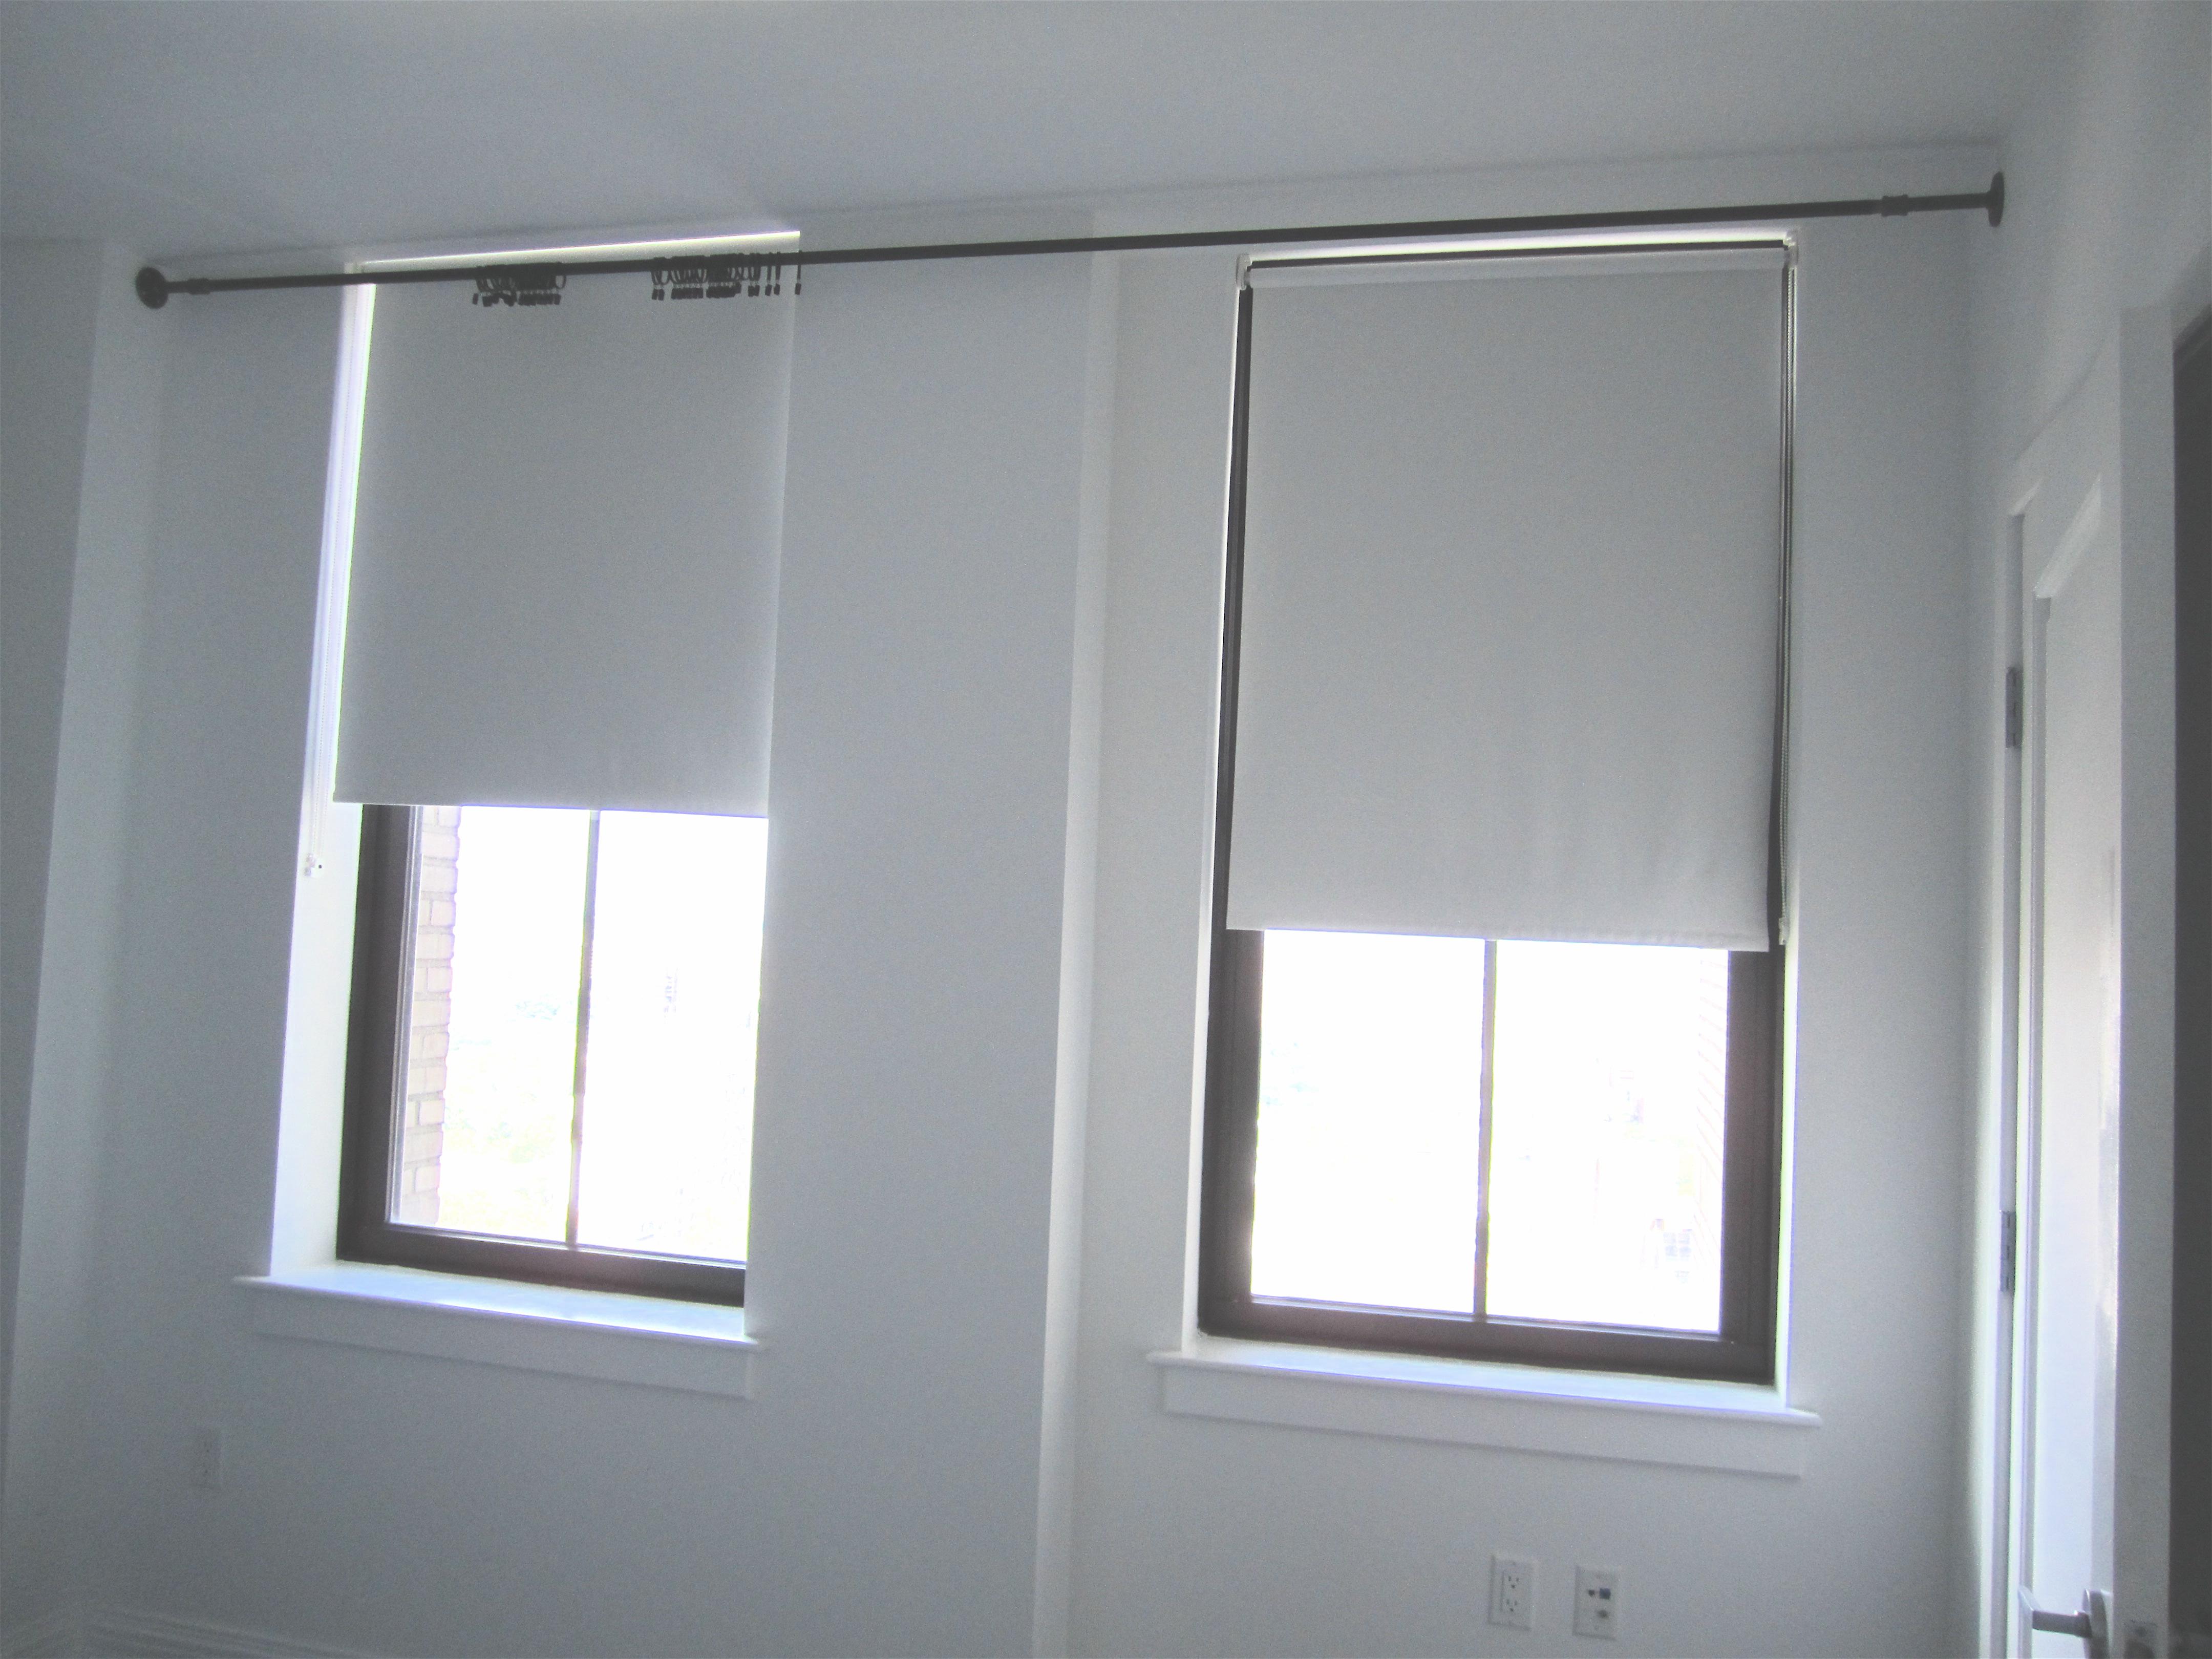 lighting + windows «